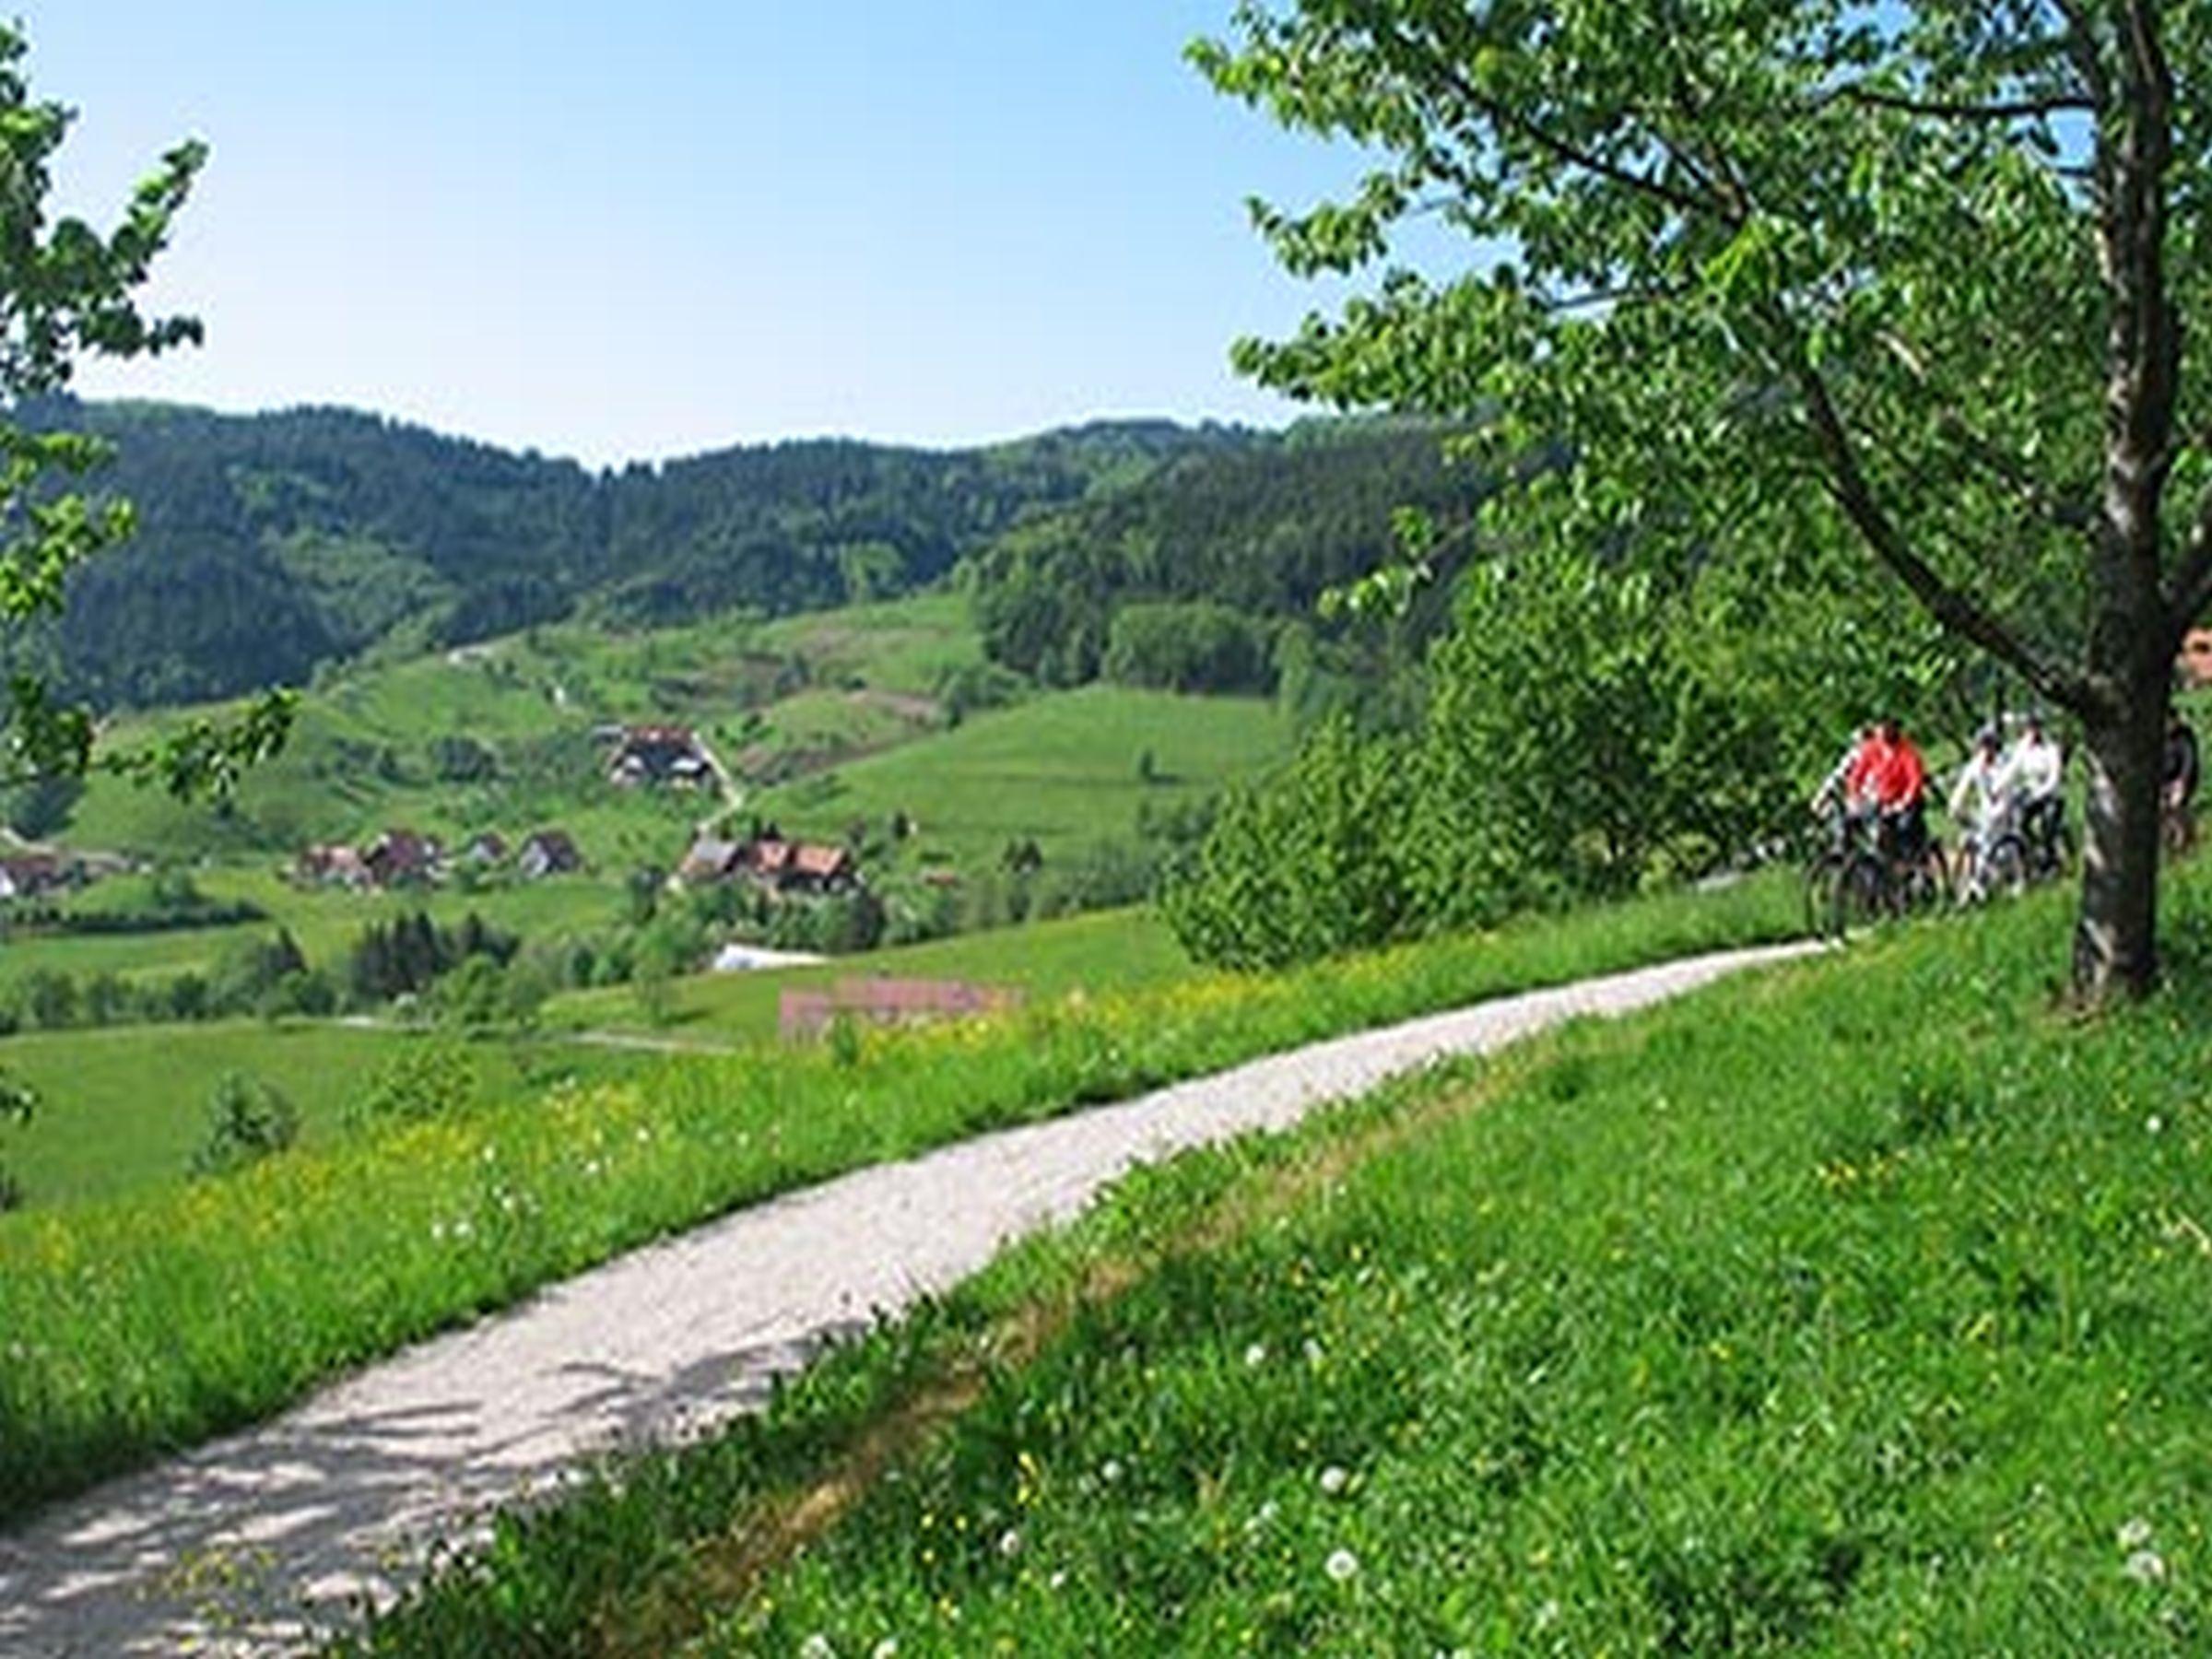 Ferienwohnung Ferienhof Fischer, (Seebach). Blockhütte für max. 4 Personen (2215201), Seebach, Schwarzwald, Baden-Württemberg, Deutschland, Bild 3